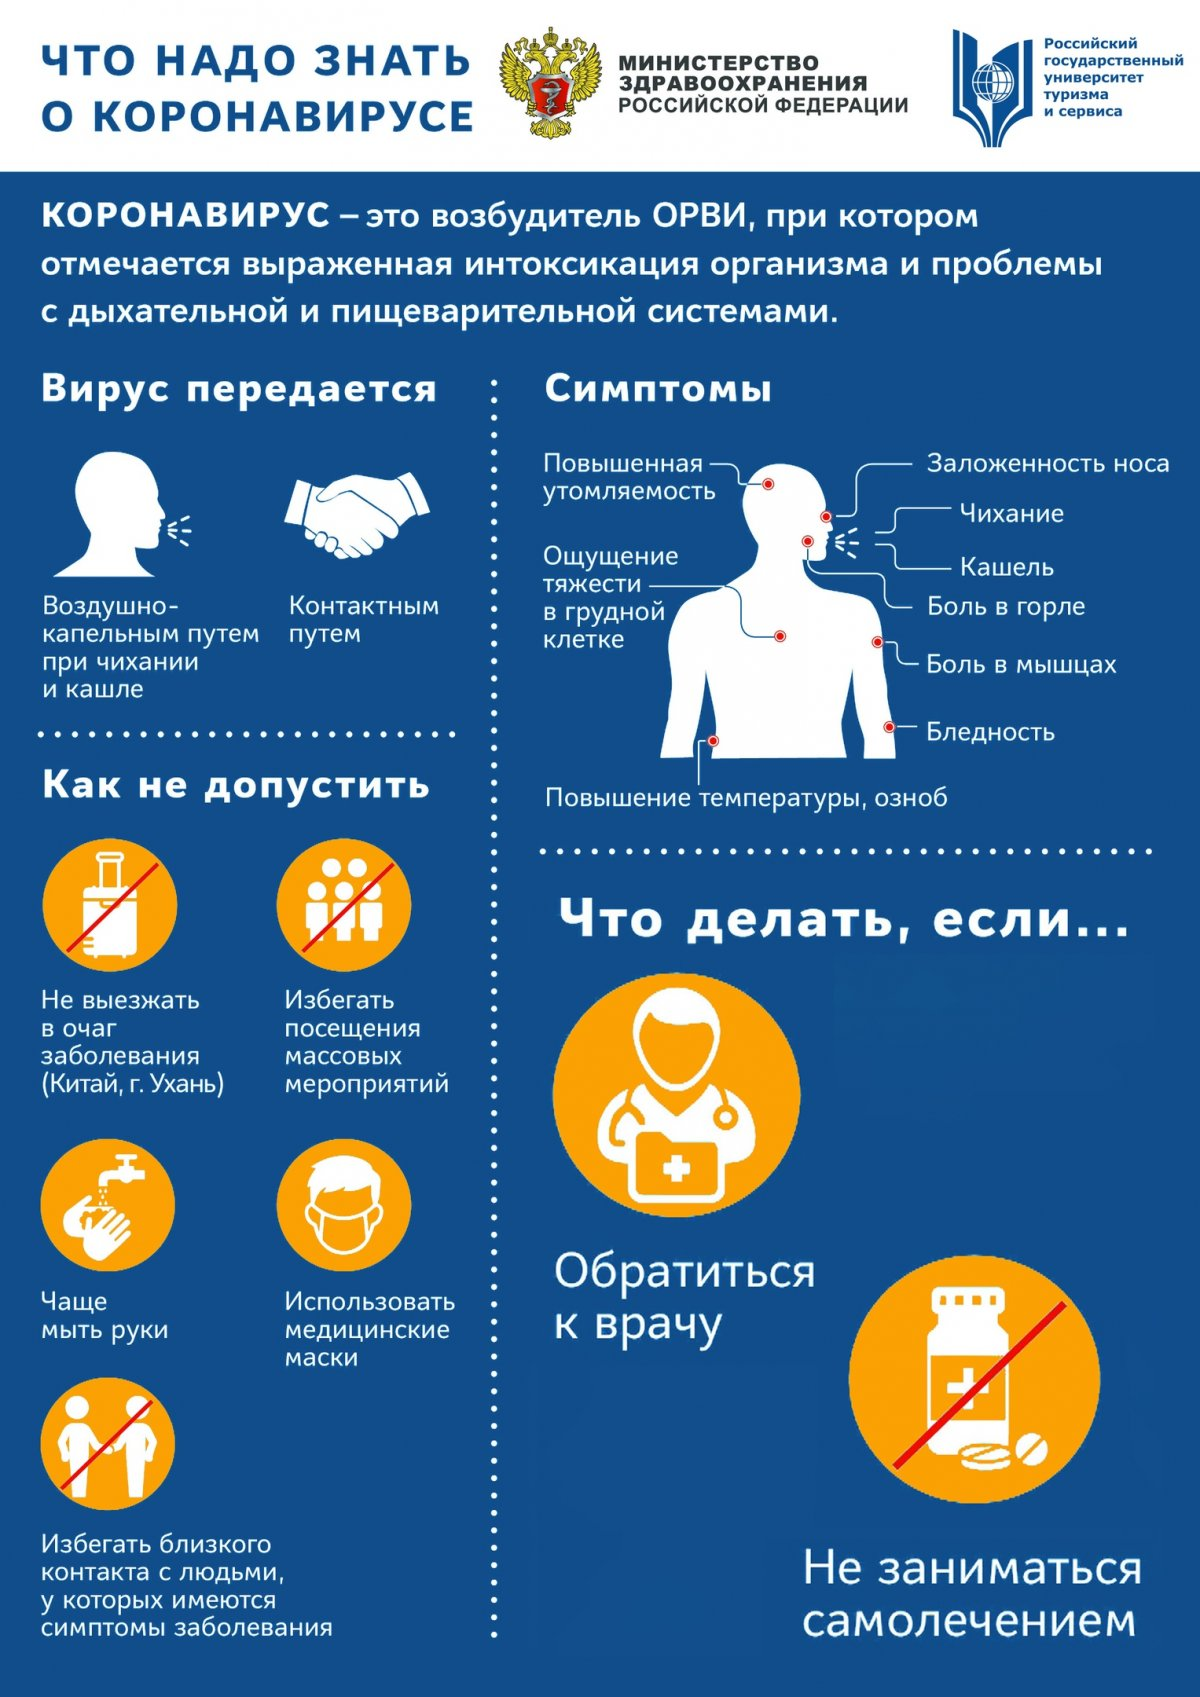 В Подмосковье введен режим повышенной готовности в связи с коронавирусом